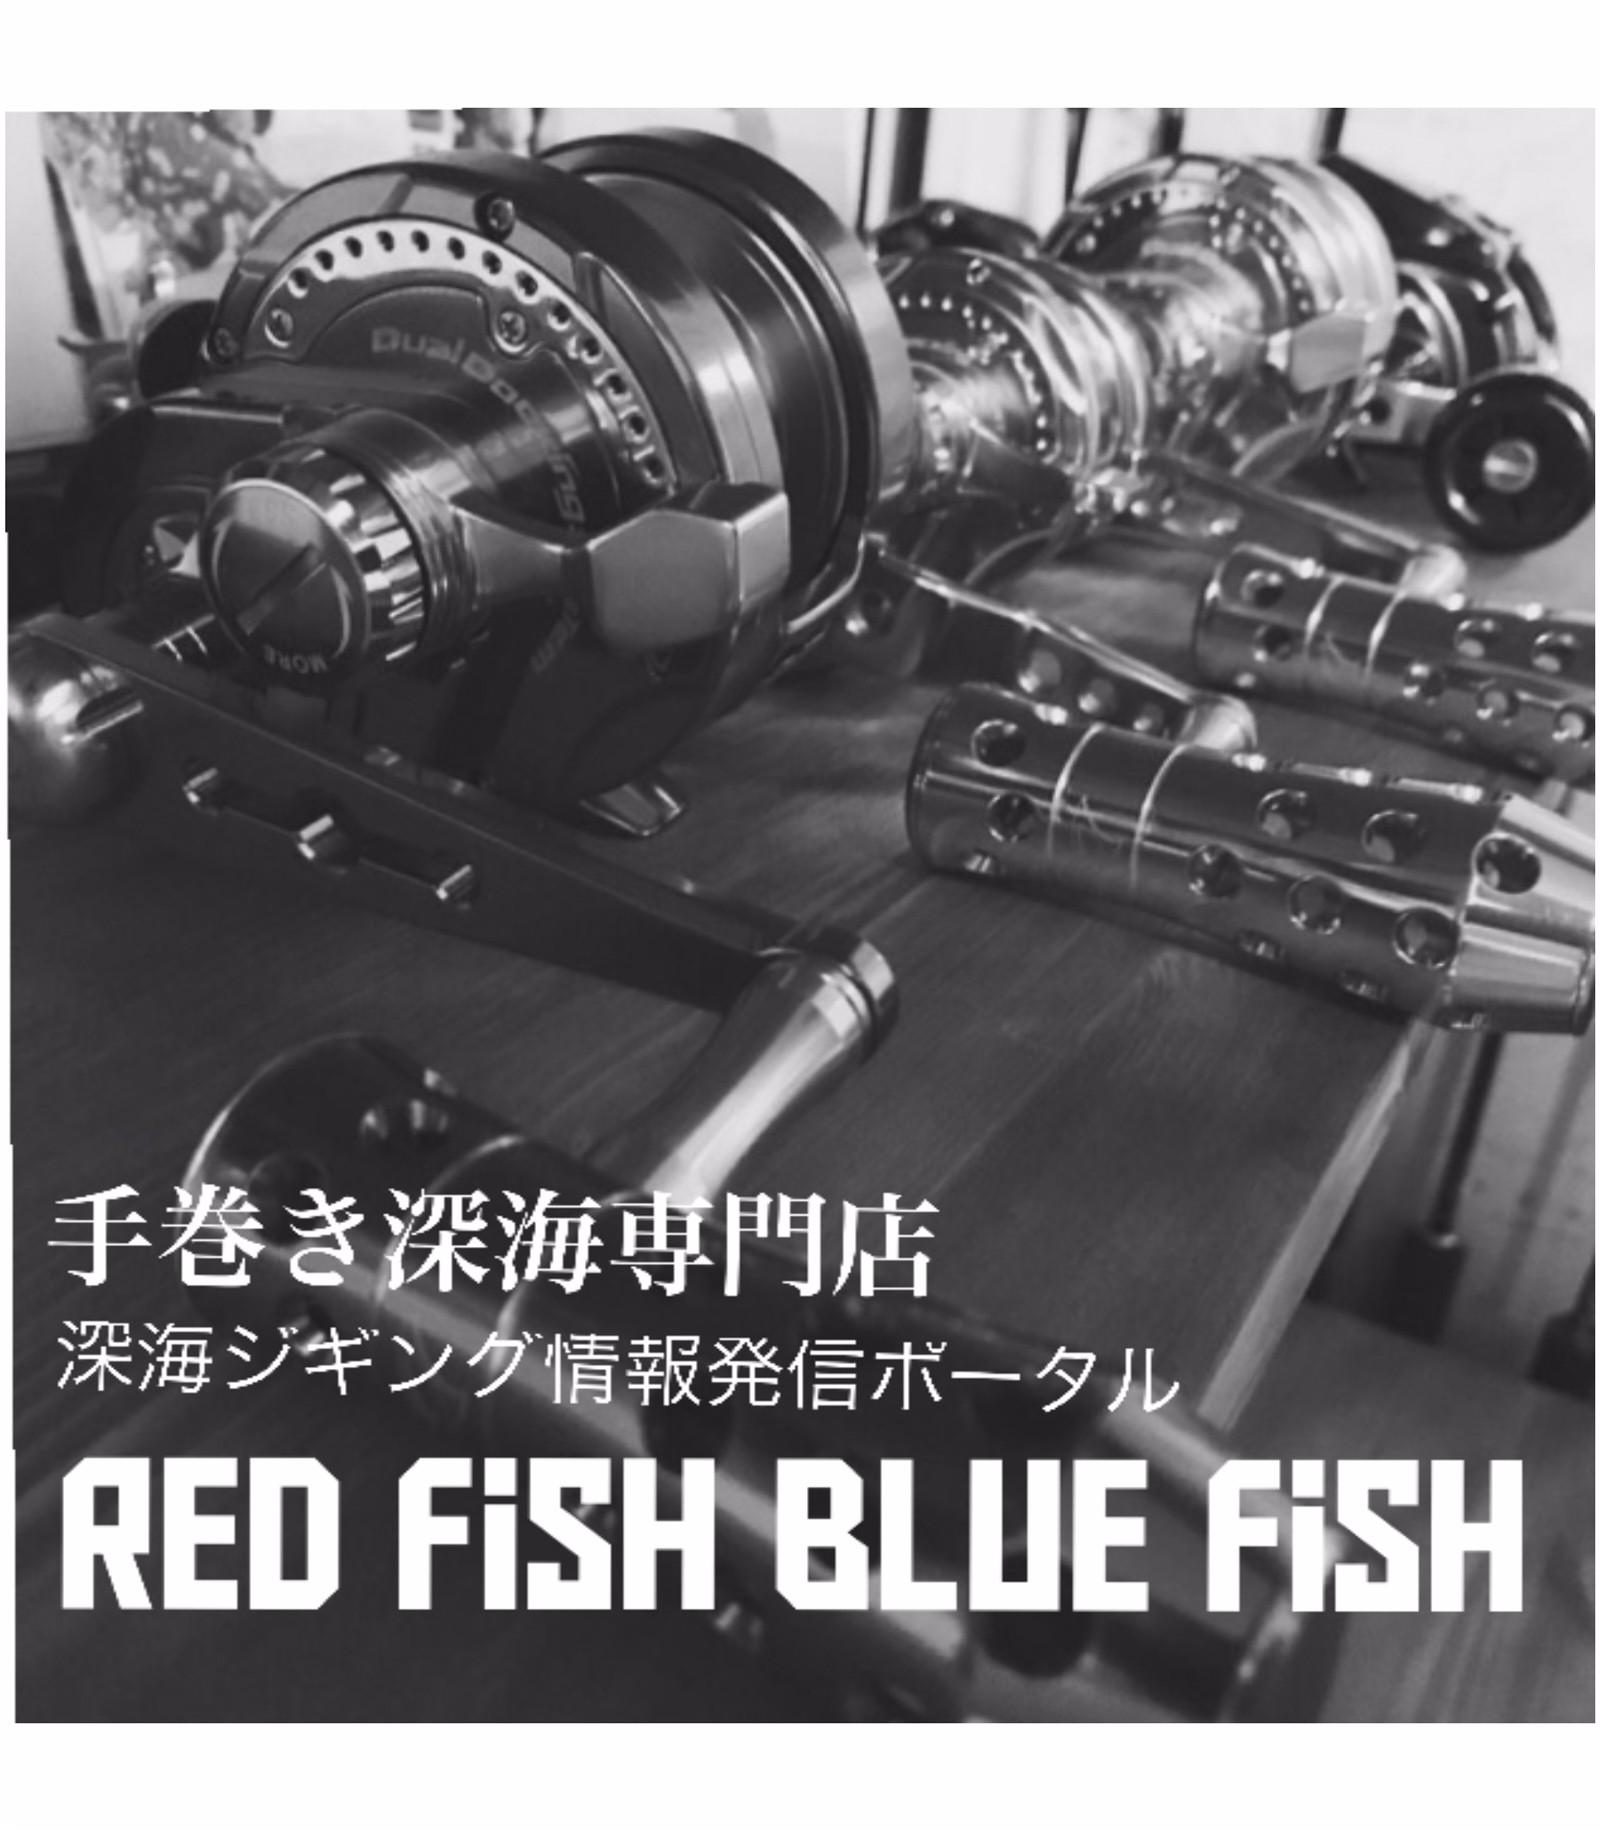 【手巻き深海 専門店】